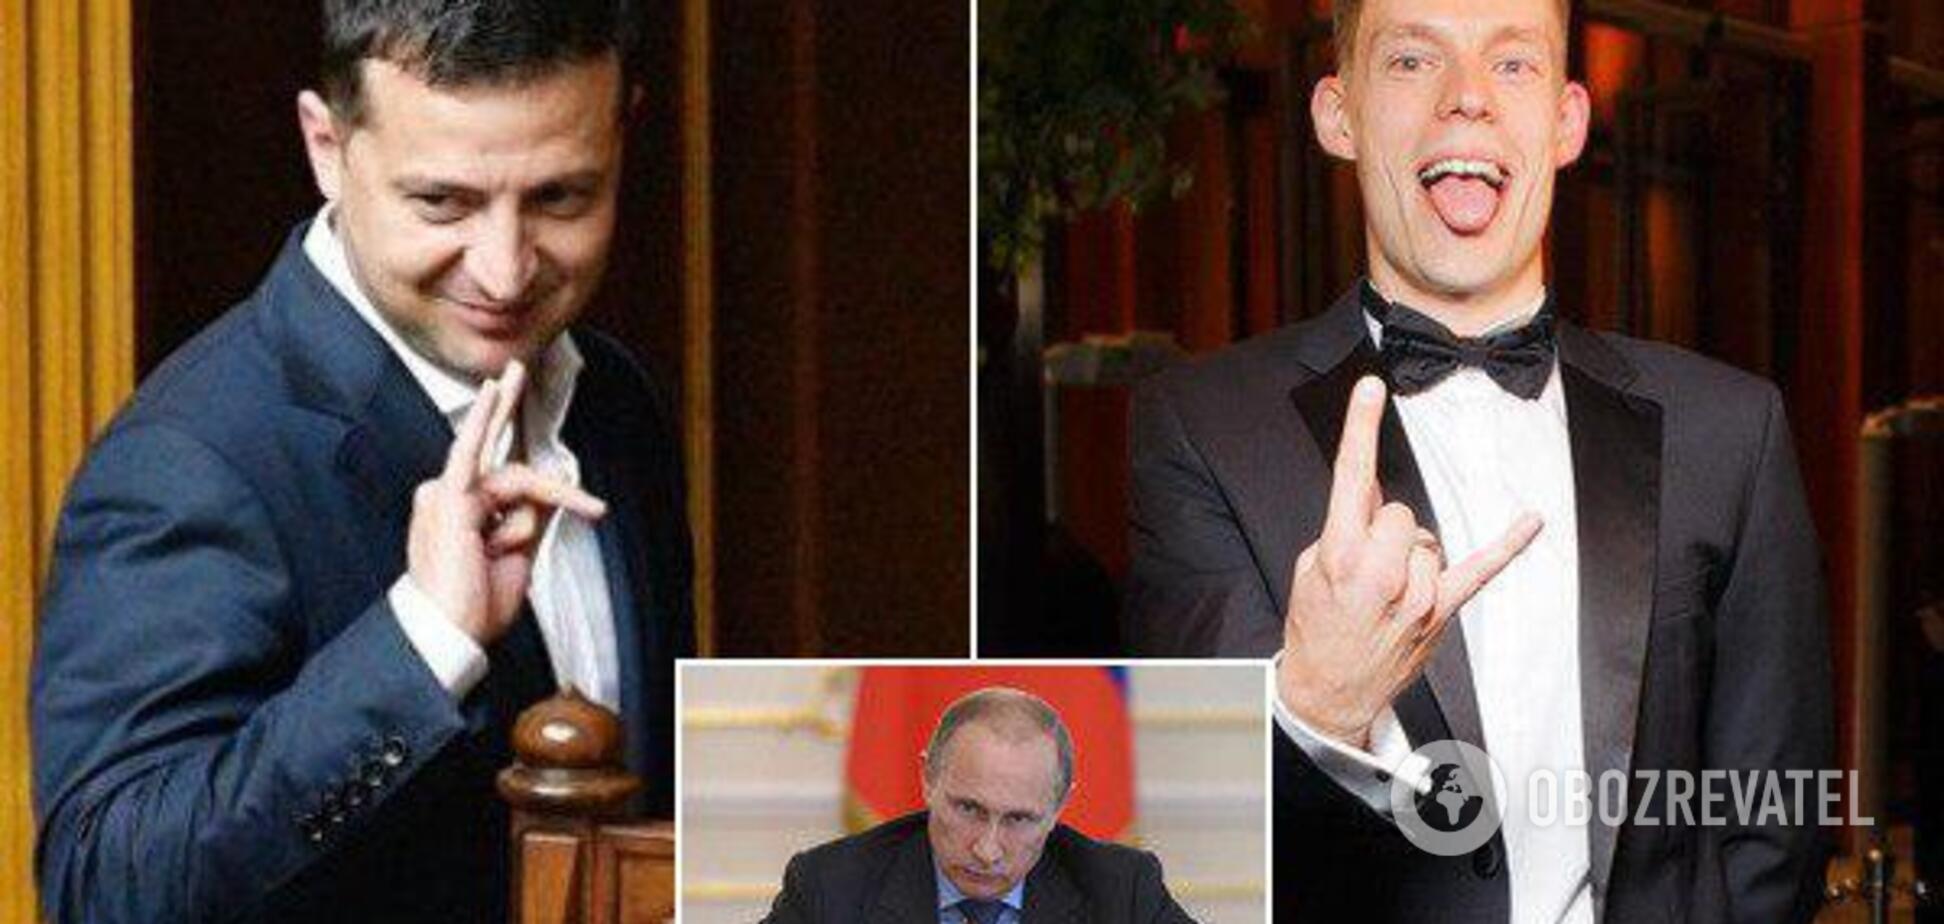 'Дудь – це російський Зеленський': чи може журналіст-ютубер стати президентом РФ